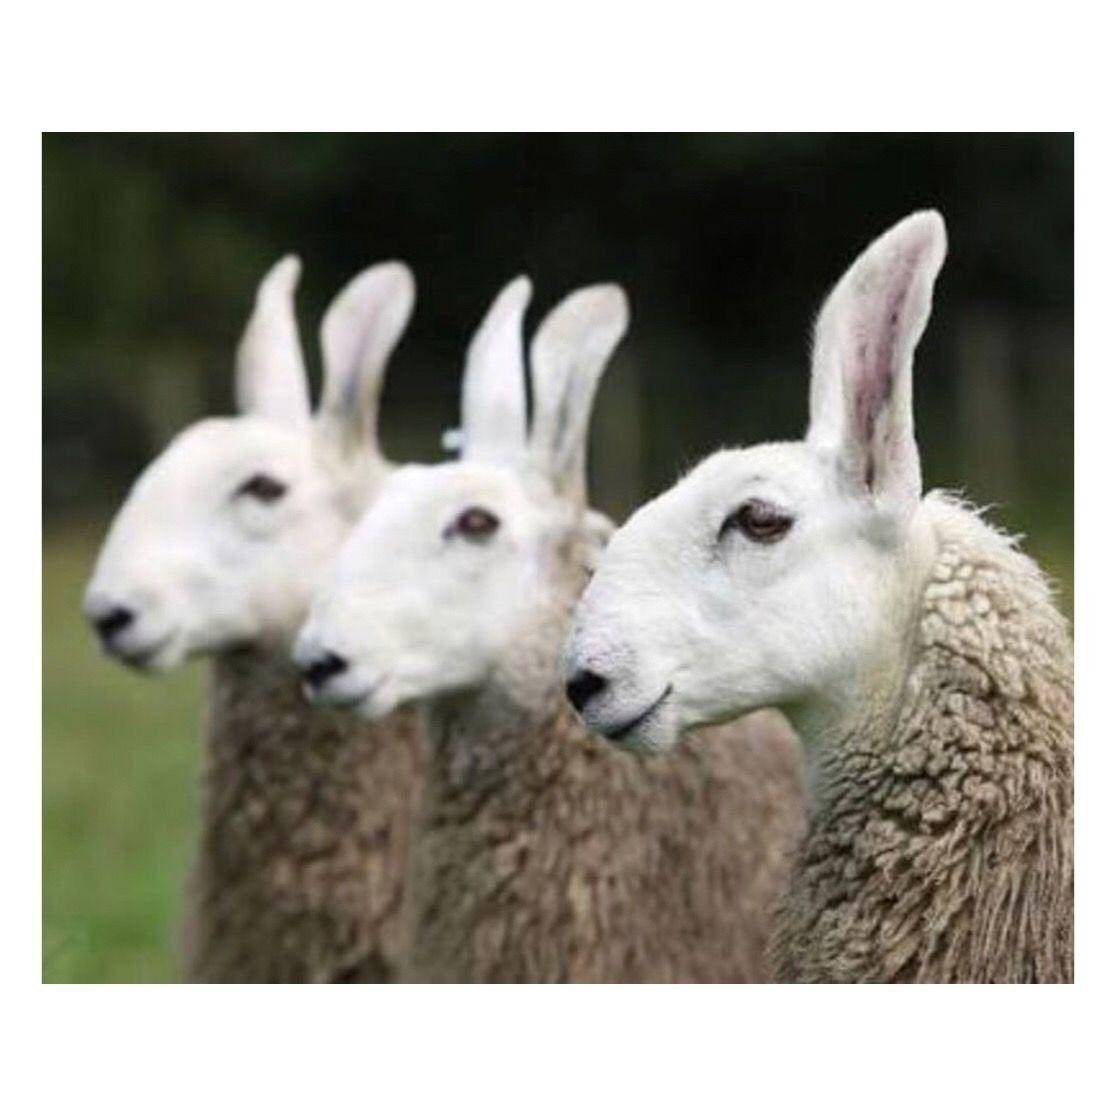 Schaf Oder Lama Schafrassen Schafe Kamele